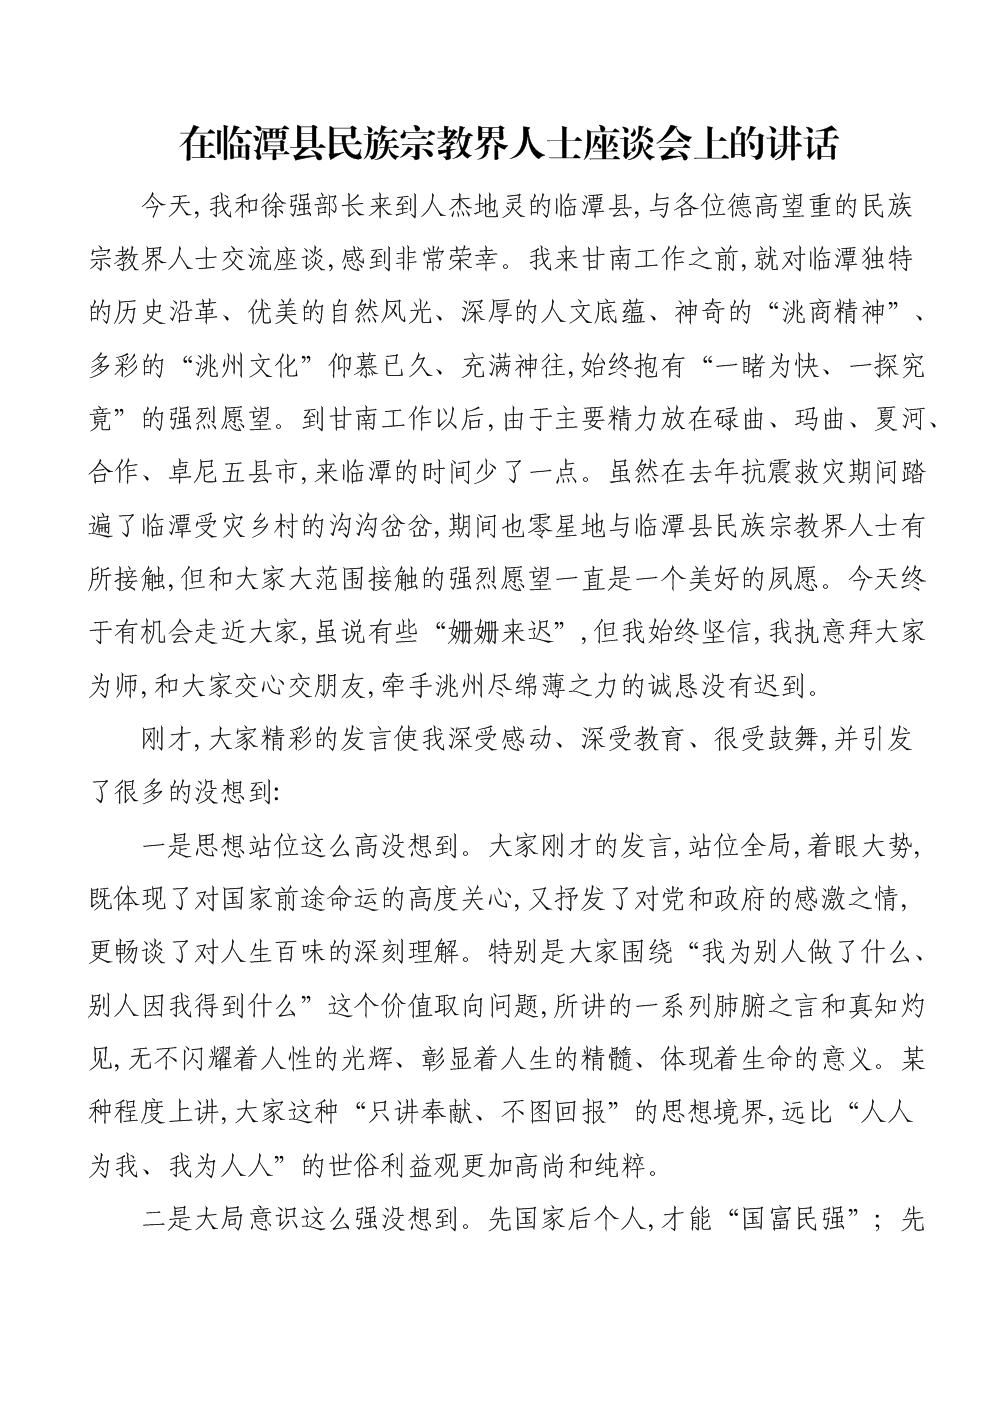 在临潭县民族宗教界人士座谈会上的讲话.doc